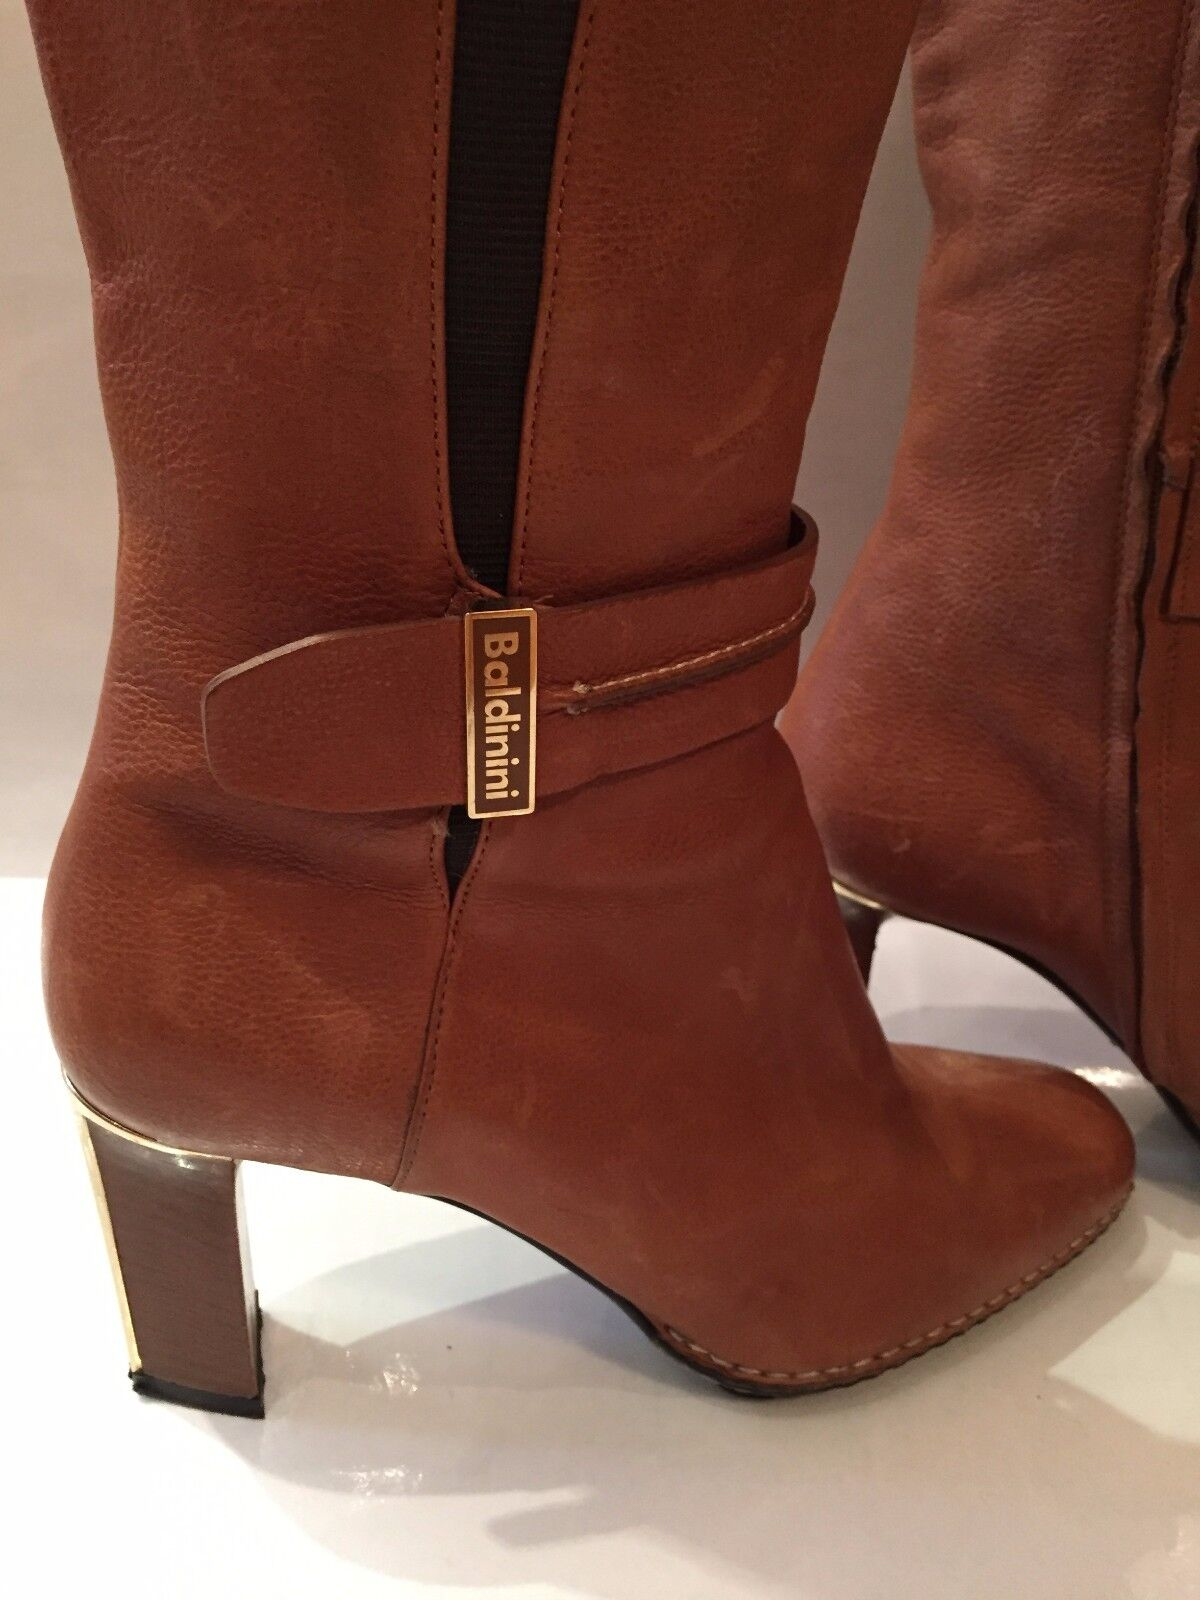 centro commerciale di moda BALDININI Pelle echt Leder stivali Tg. 38 38 38  migliore qualità